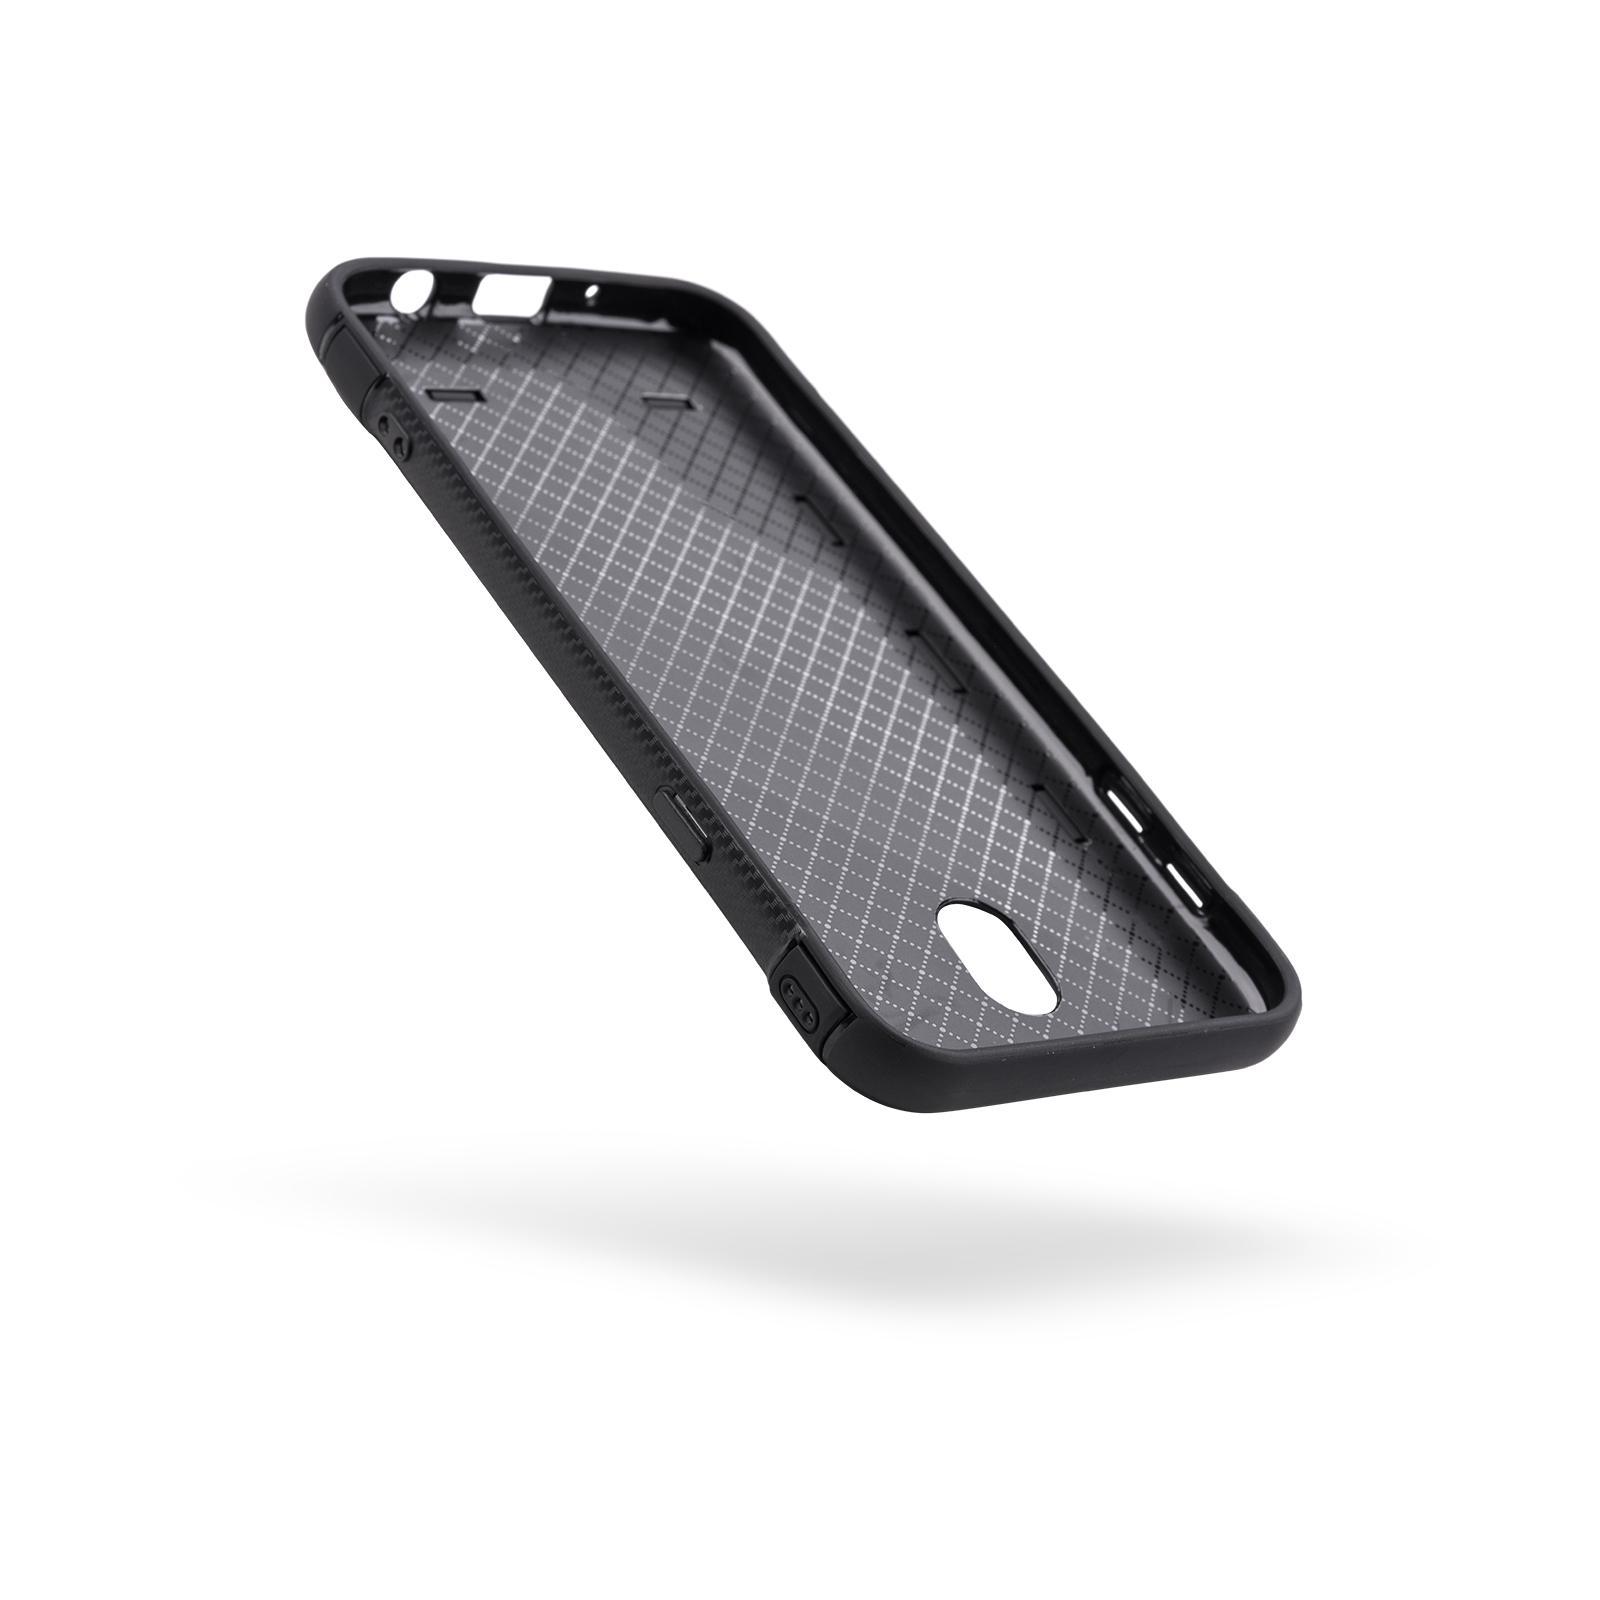 Чехол для моб. телефона Laudtec для Samsung J7 2017/J730 Ring stand (black) (LR-J730-BC) изображение 6